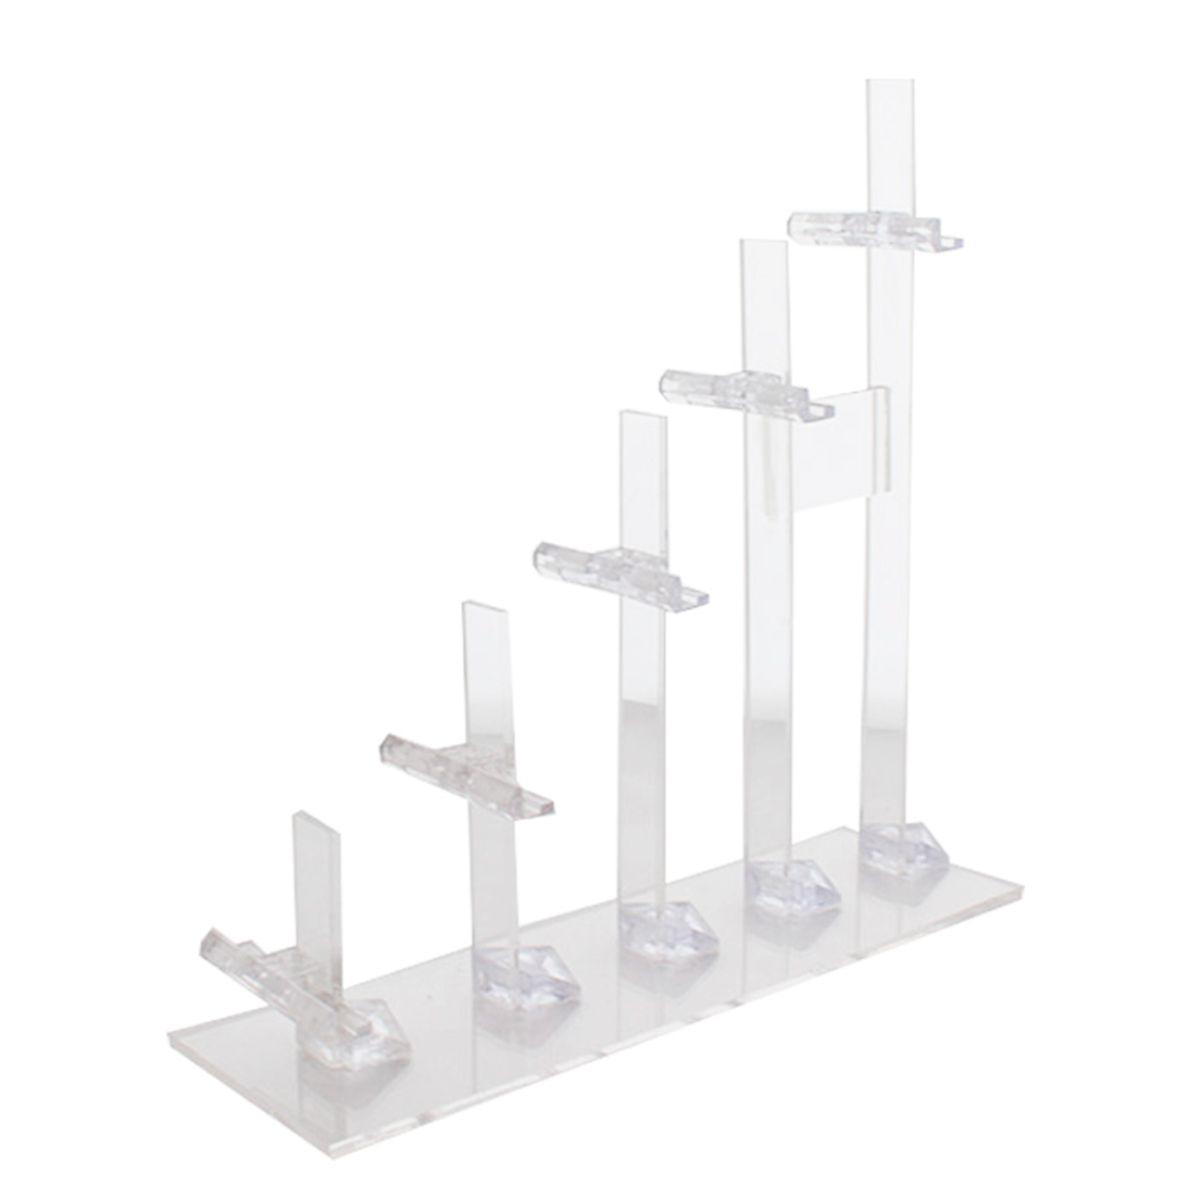 Expositor Escadinha para 5 Óculos em Acrílico FT5 Transparente